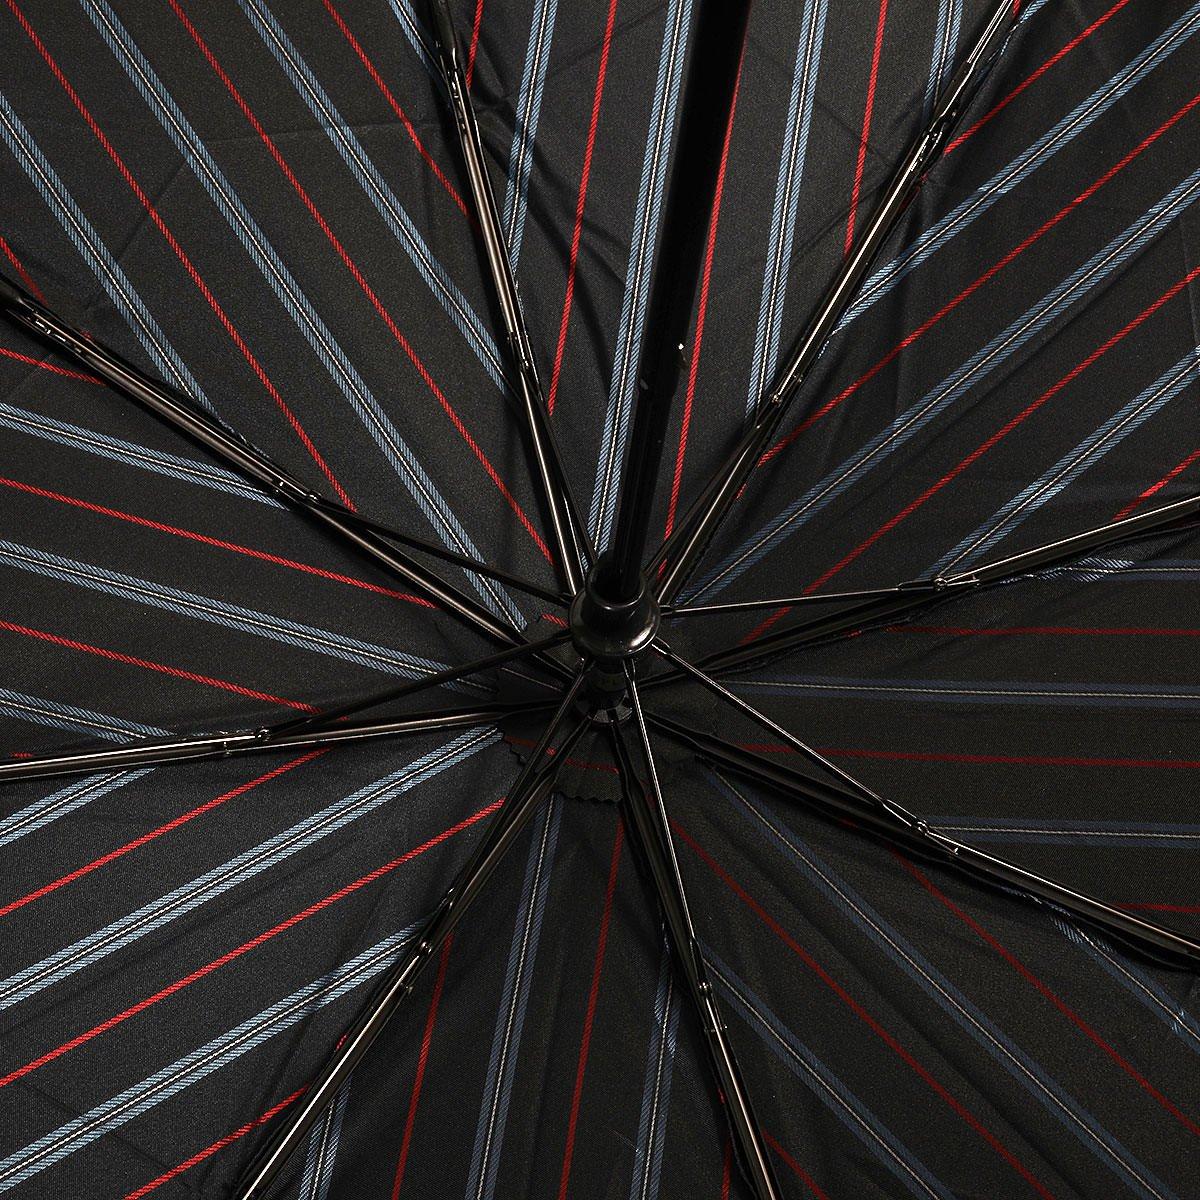 ダブルフェイス オルタネートストライプ 耐風骨 折りたたみ傘 詳細画像8